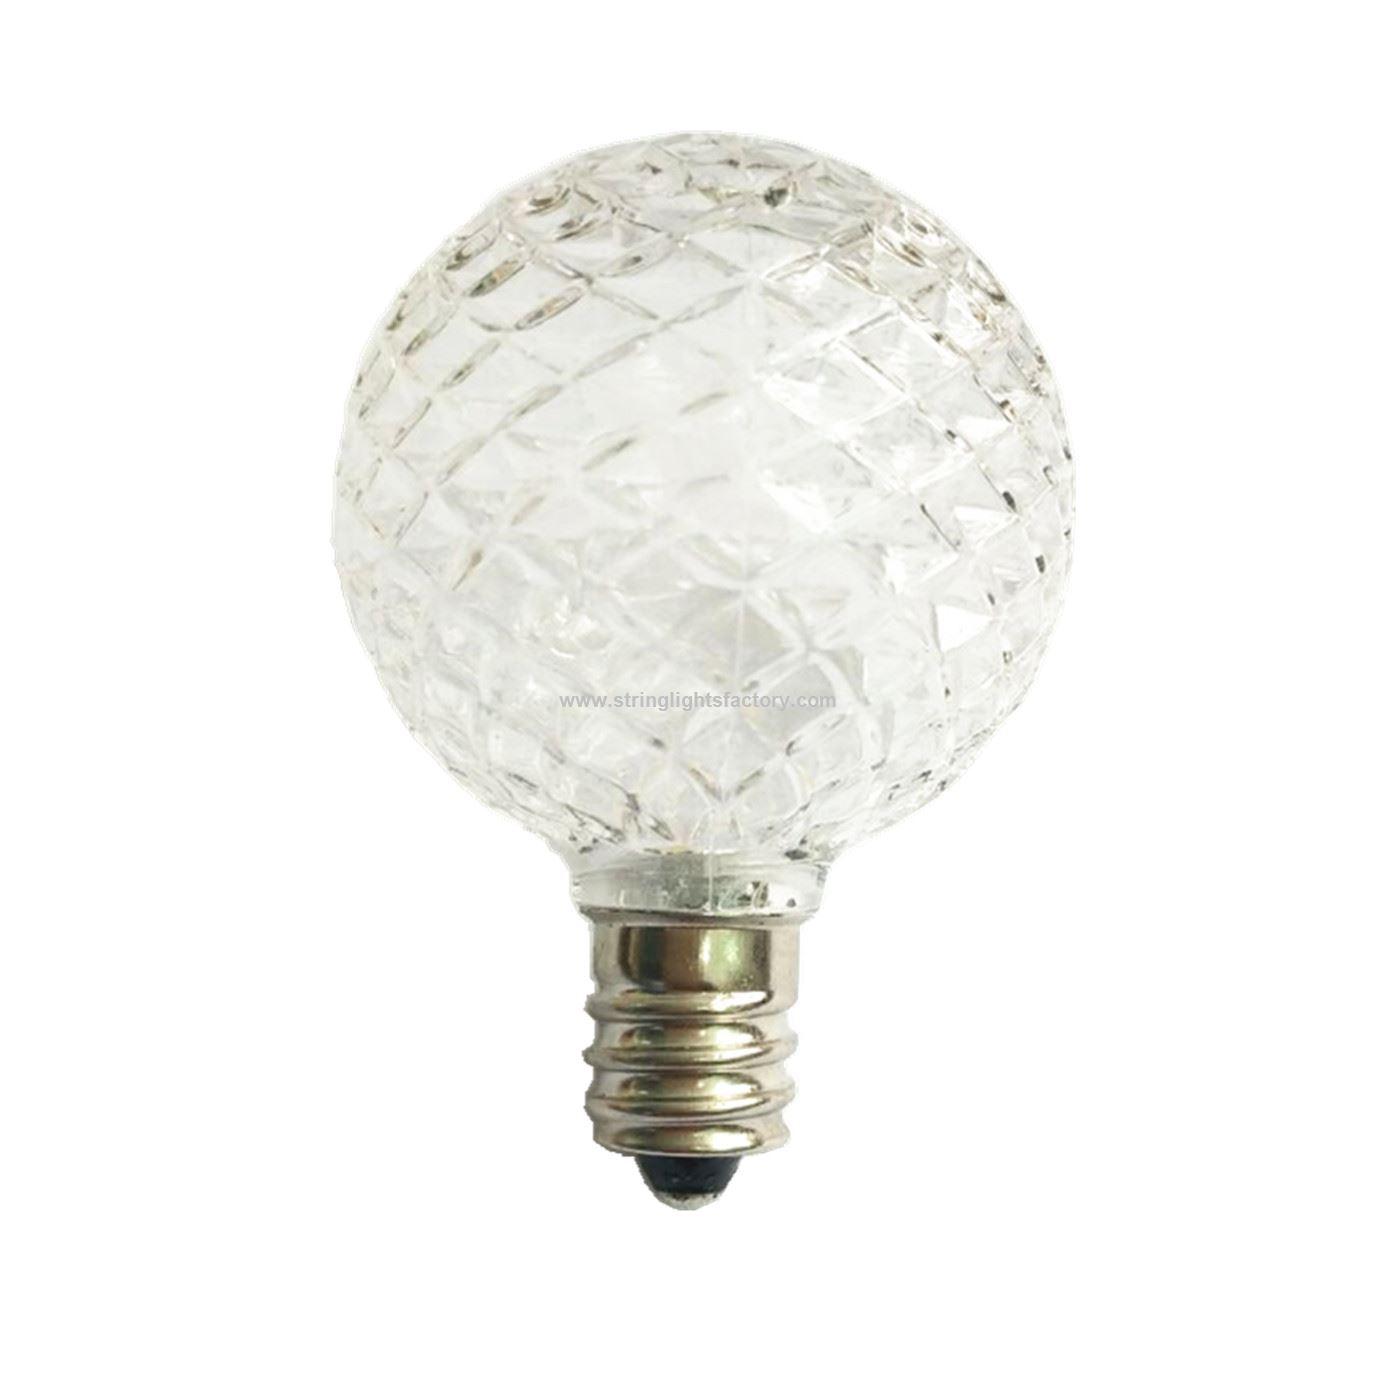 Ersatz Led Weihnachtsbeleuchtung.Werbeartikel 3w Einfach Ersatz Glühbirne Einfach Kandelaber Basis